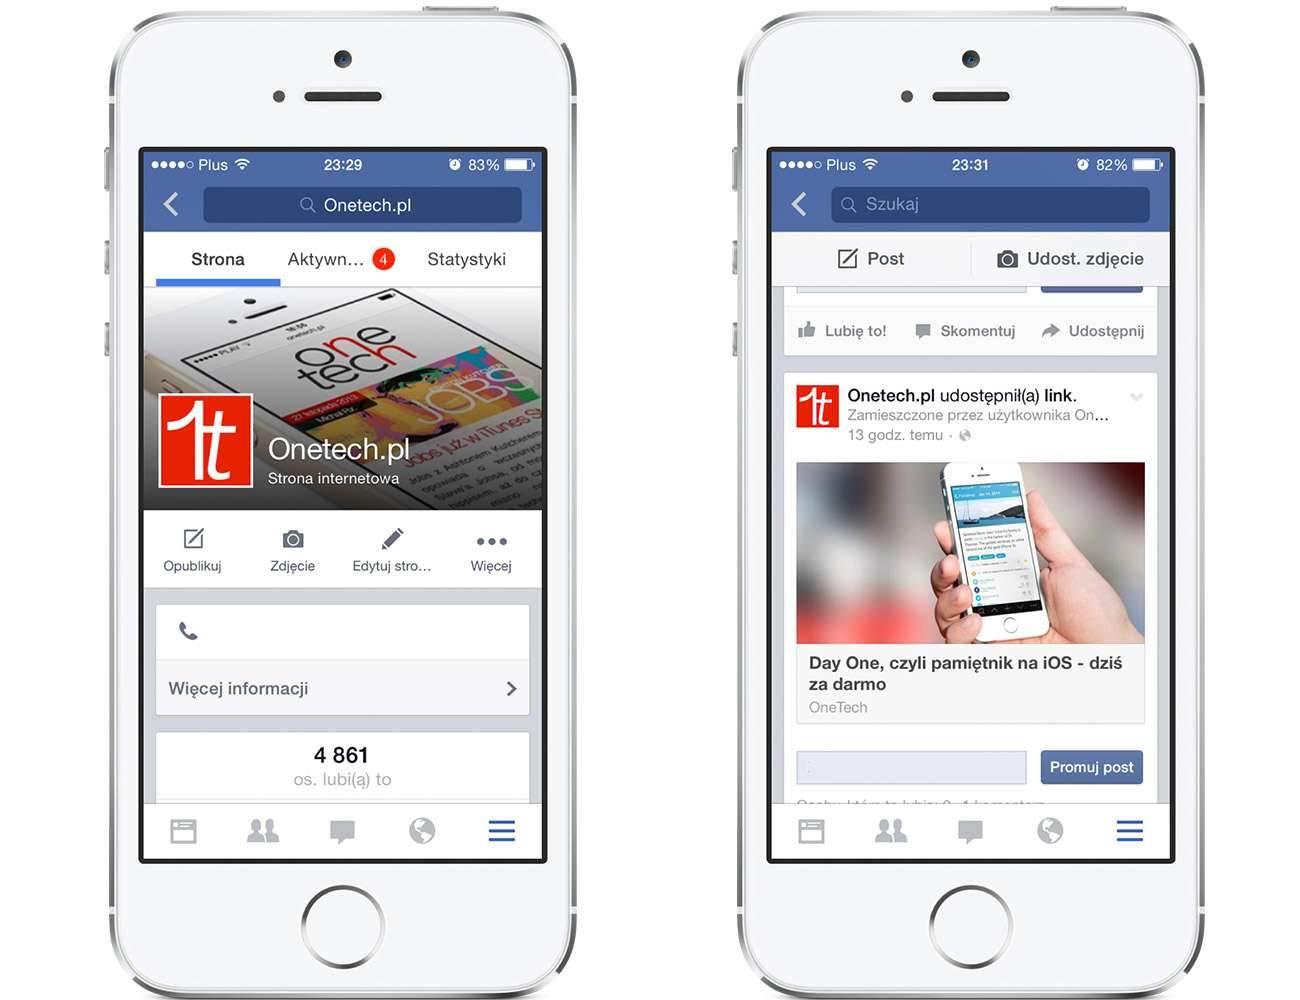 FB.onetech.pl